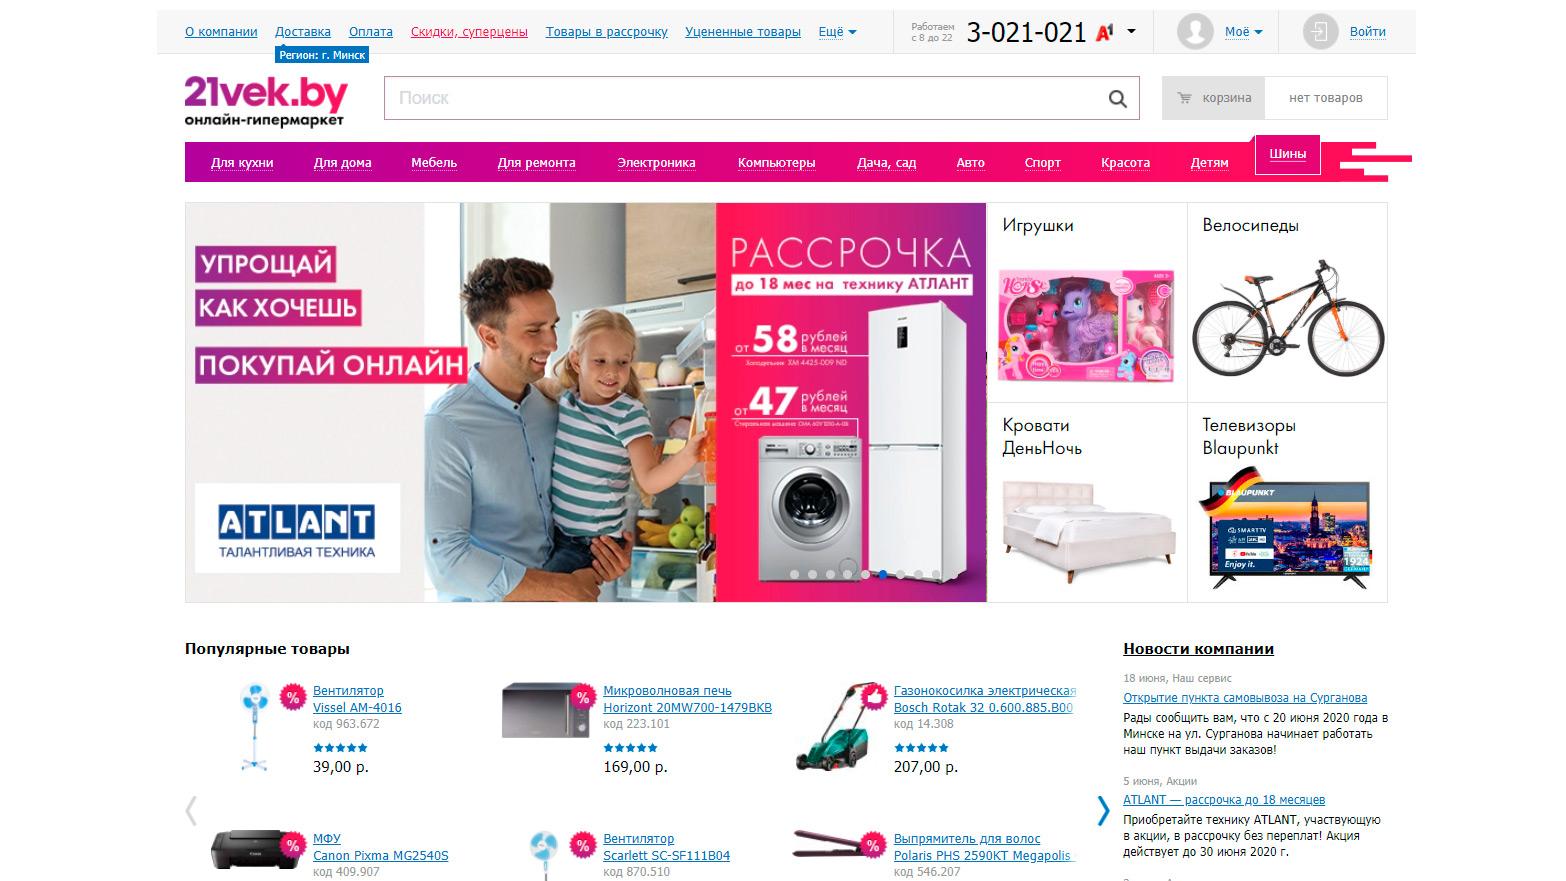 Скриншот интернет-магазина 21vek.by.